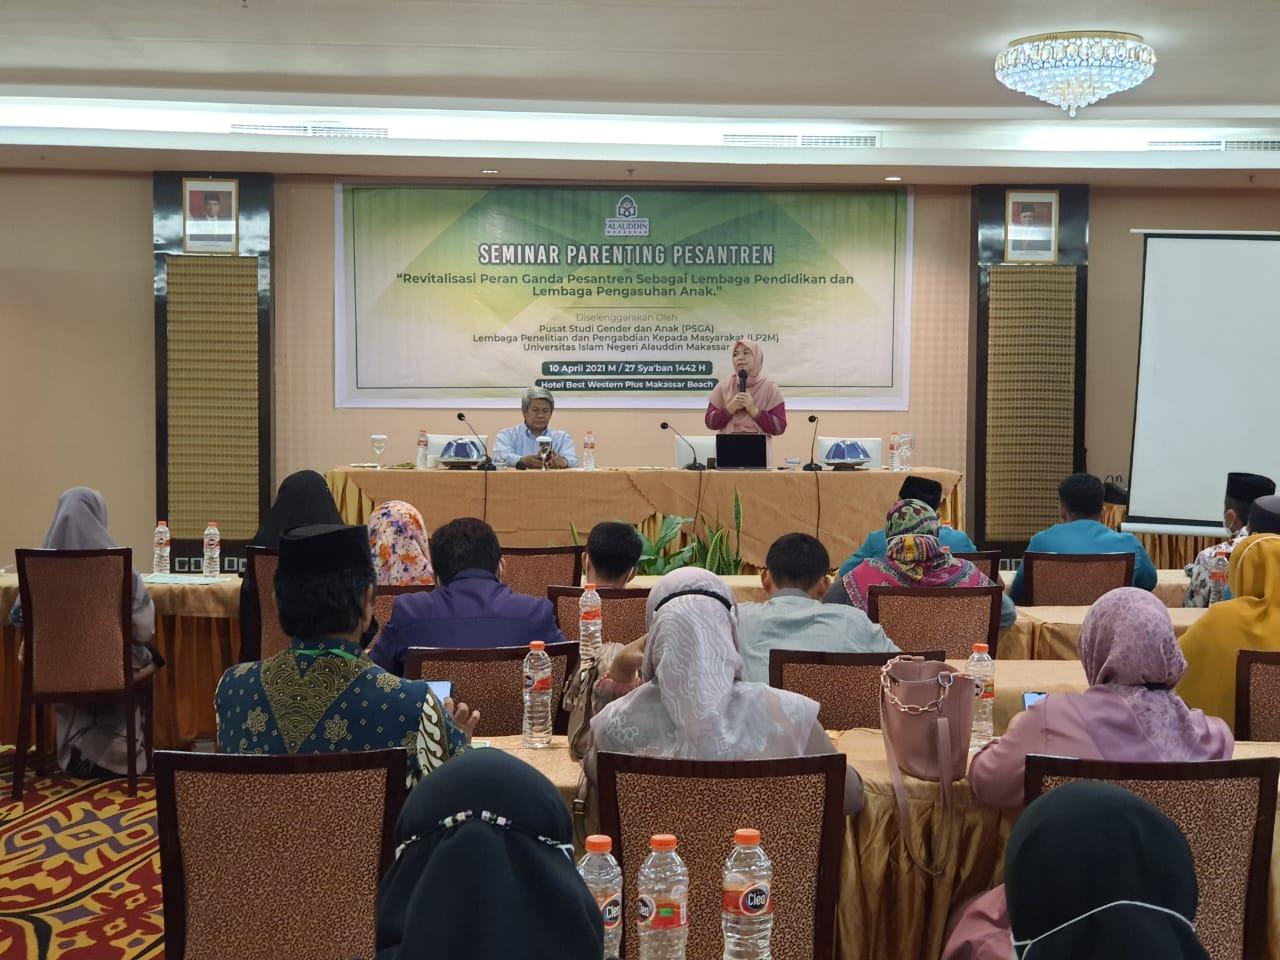 Pusat Studi Gender dan Anak UIN Alauddin Gelar Seminar Pesantren Ramah Anak